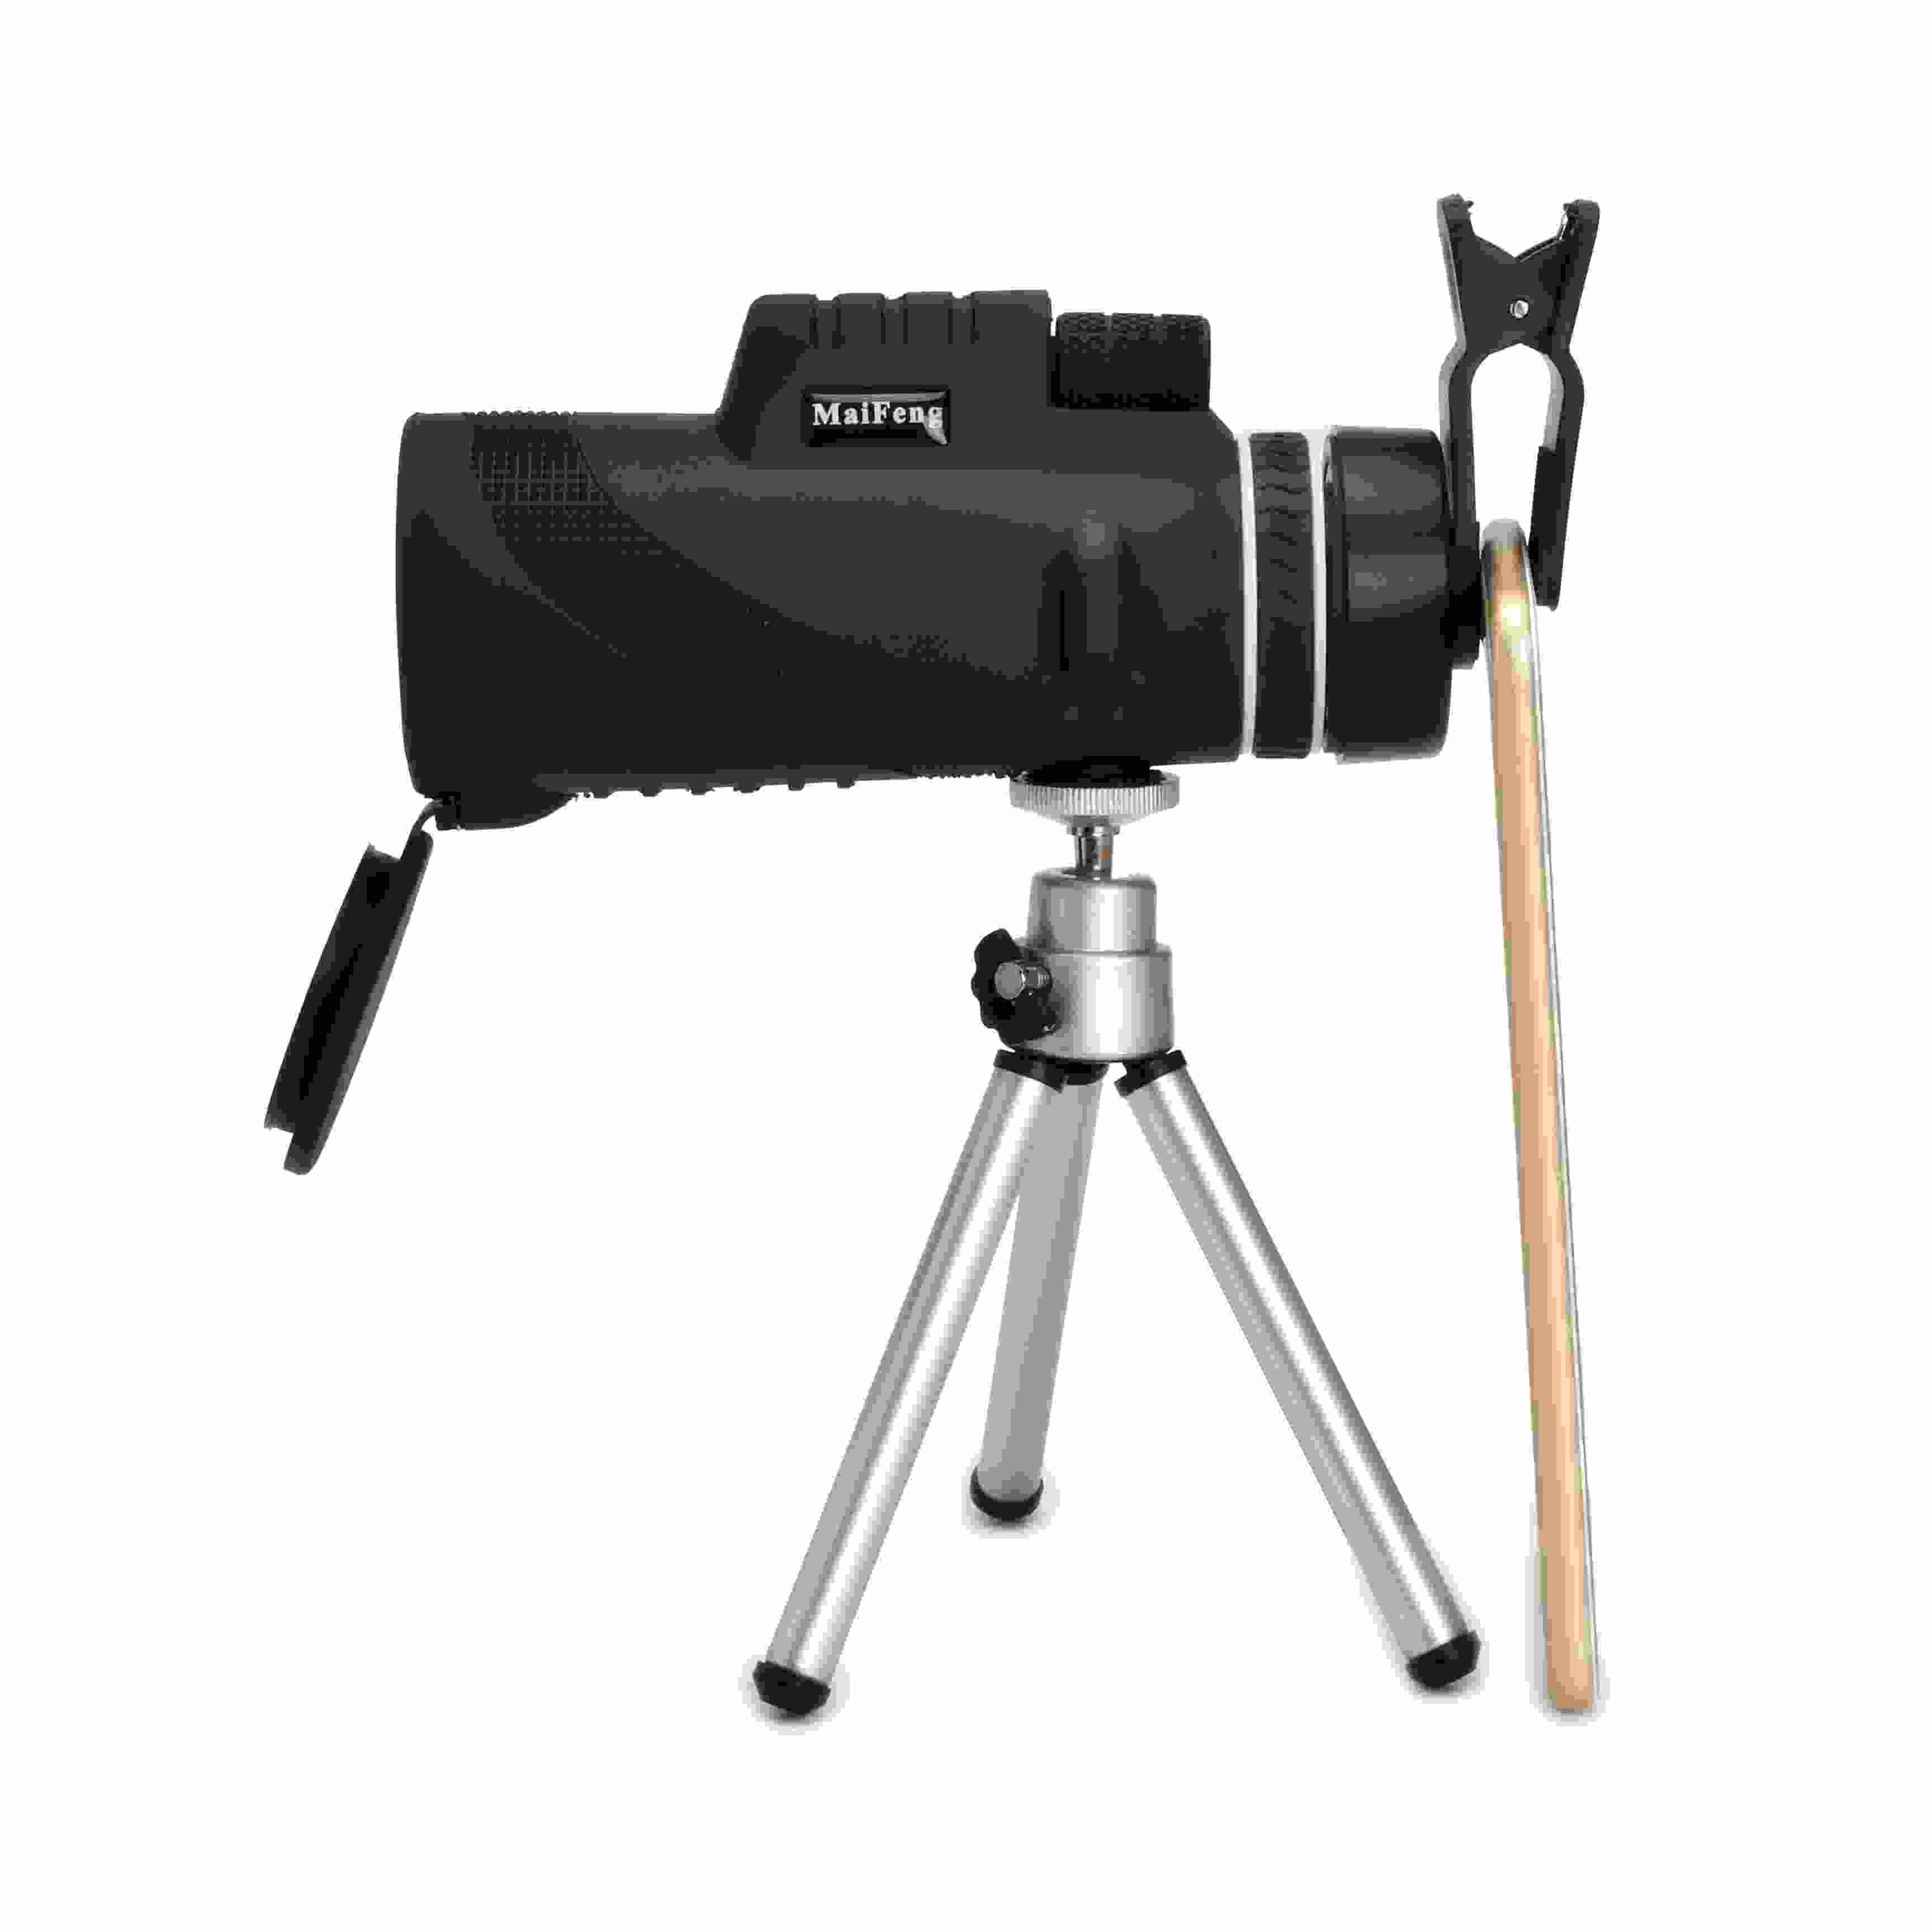 Новое поступление 40X увеличением телескоп Монокуляр оптический Зрительная труба телефона объектива для мобильного телефона с штатив клип